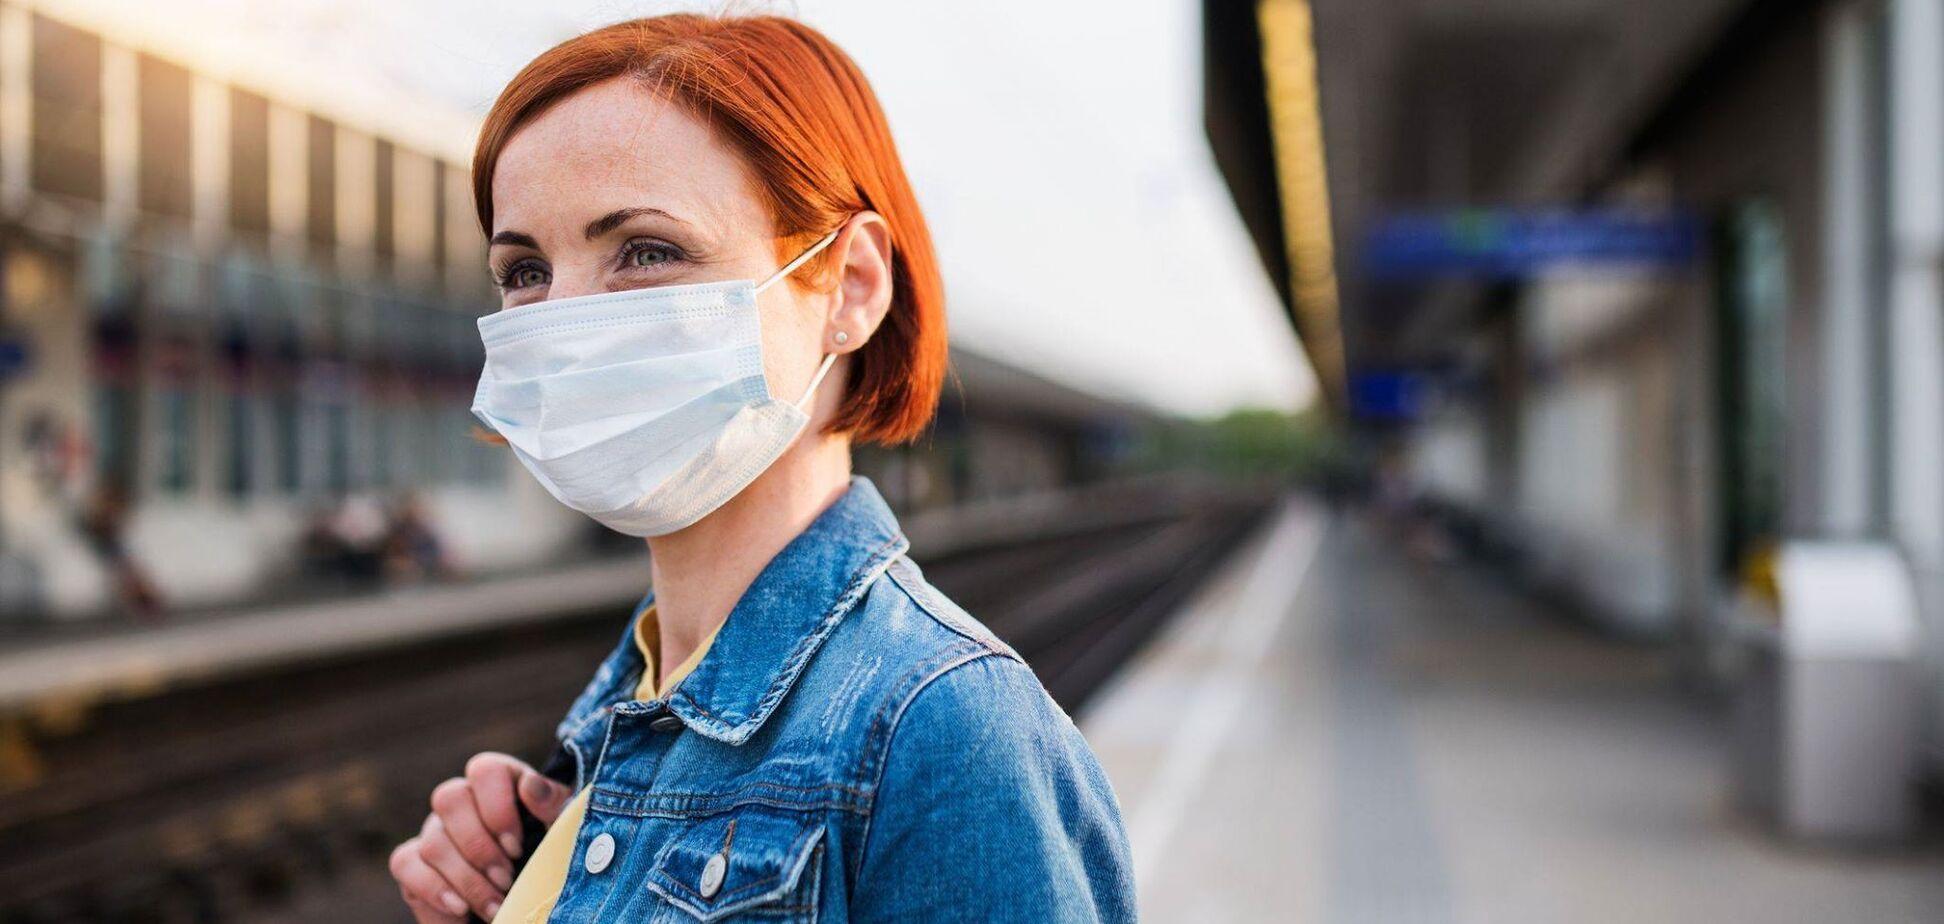 Що очікувати жінкам від пандемії і як впоратися з труднощами